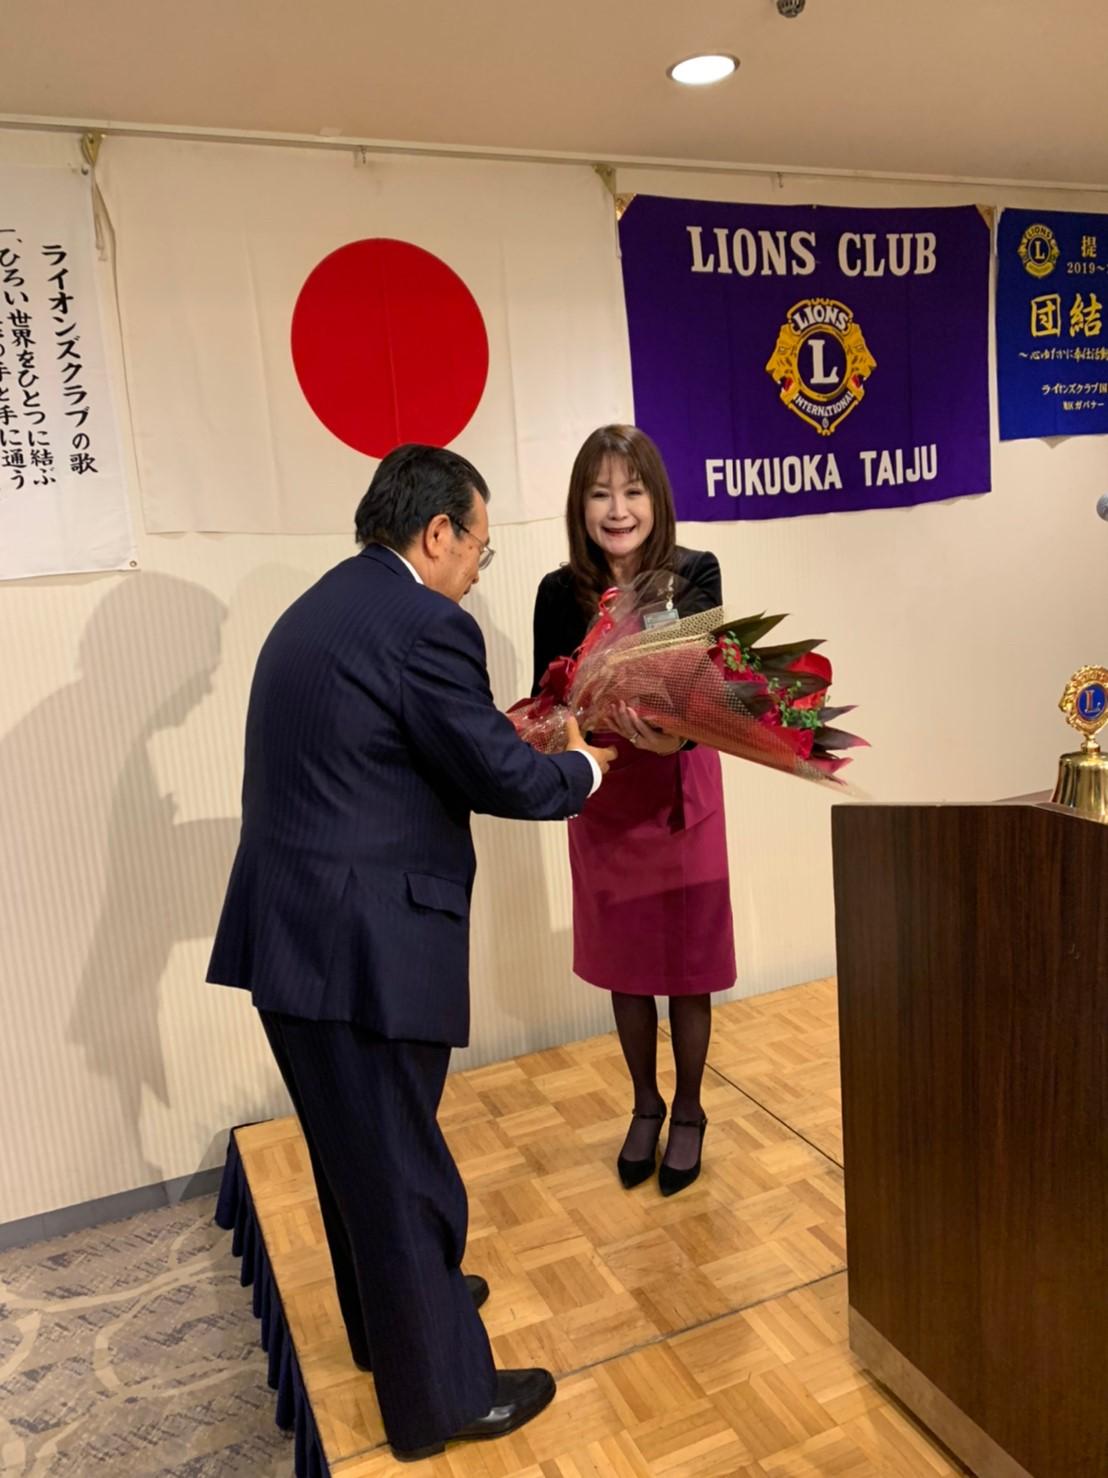 2020年3月4日福岡大樹ライオンズクラブ例会